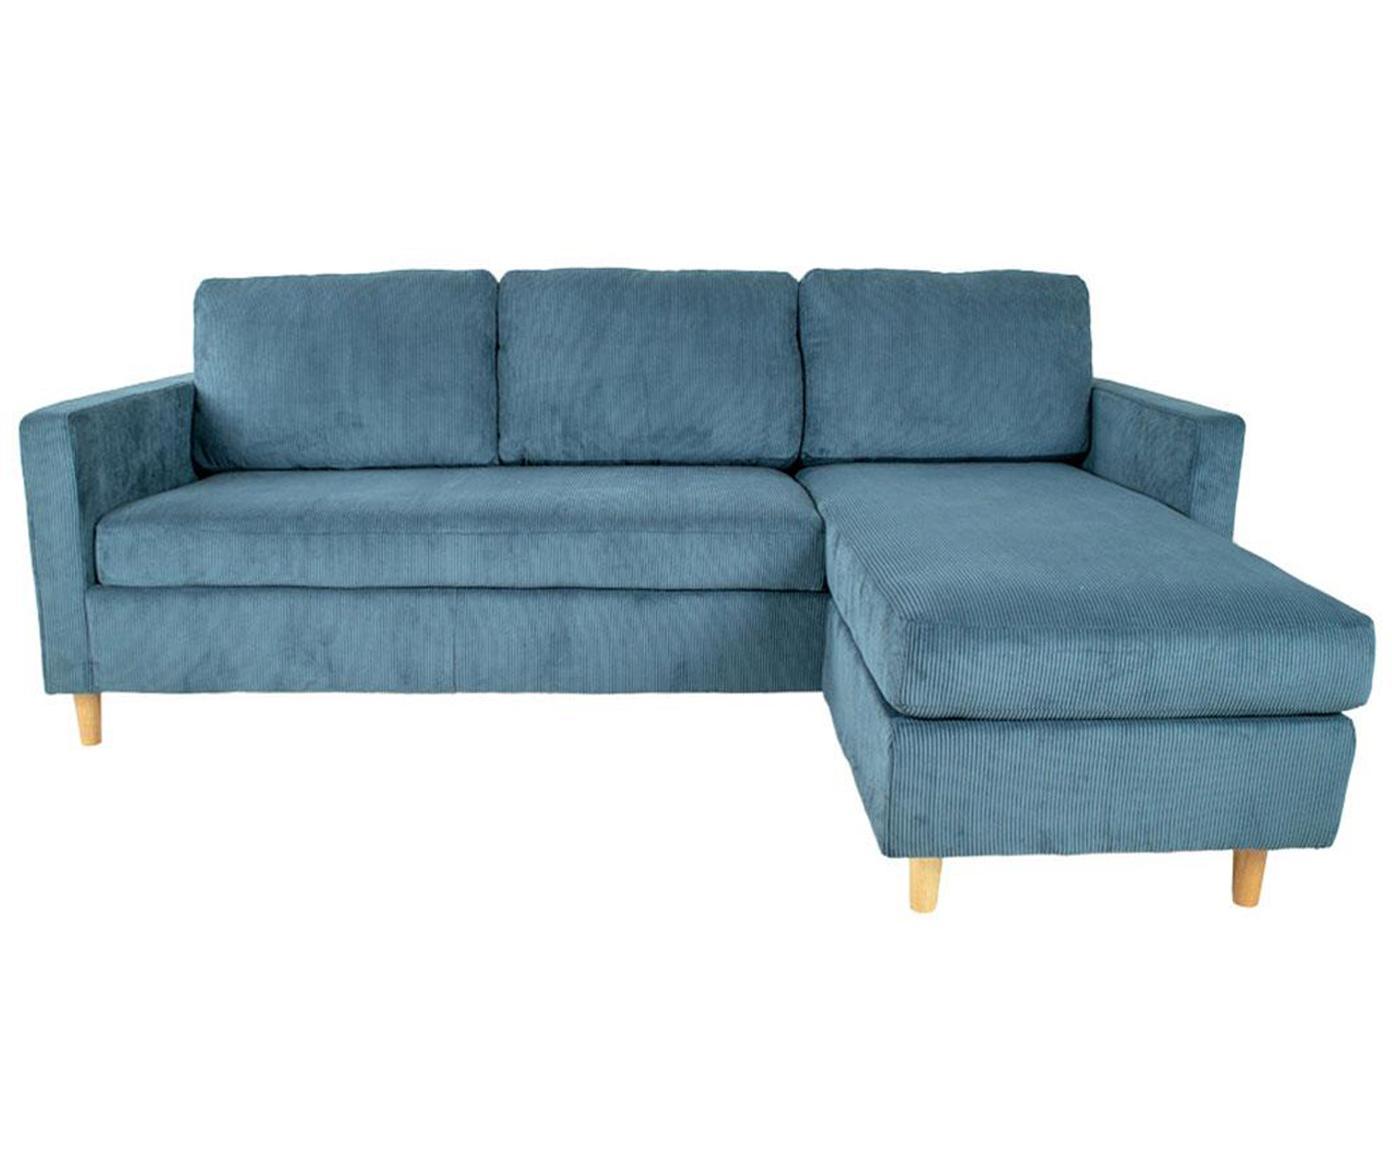 Sofá rinconero de pana Toscana, Tapizado: poliéster, Estructura: madera, Azul, An 219 x F 151 cm